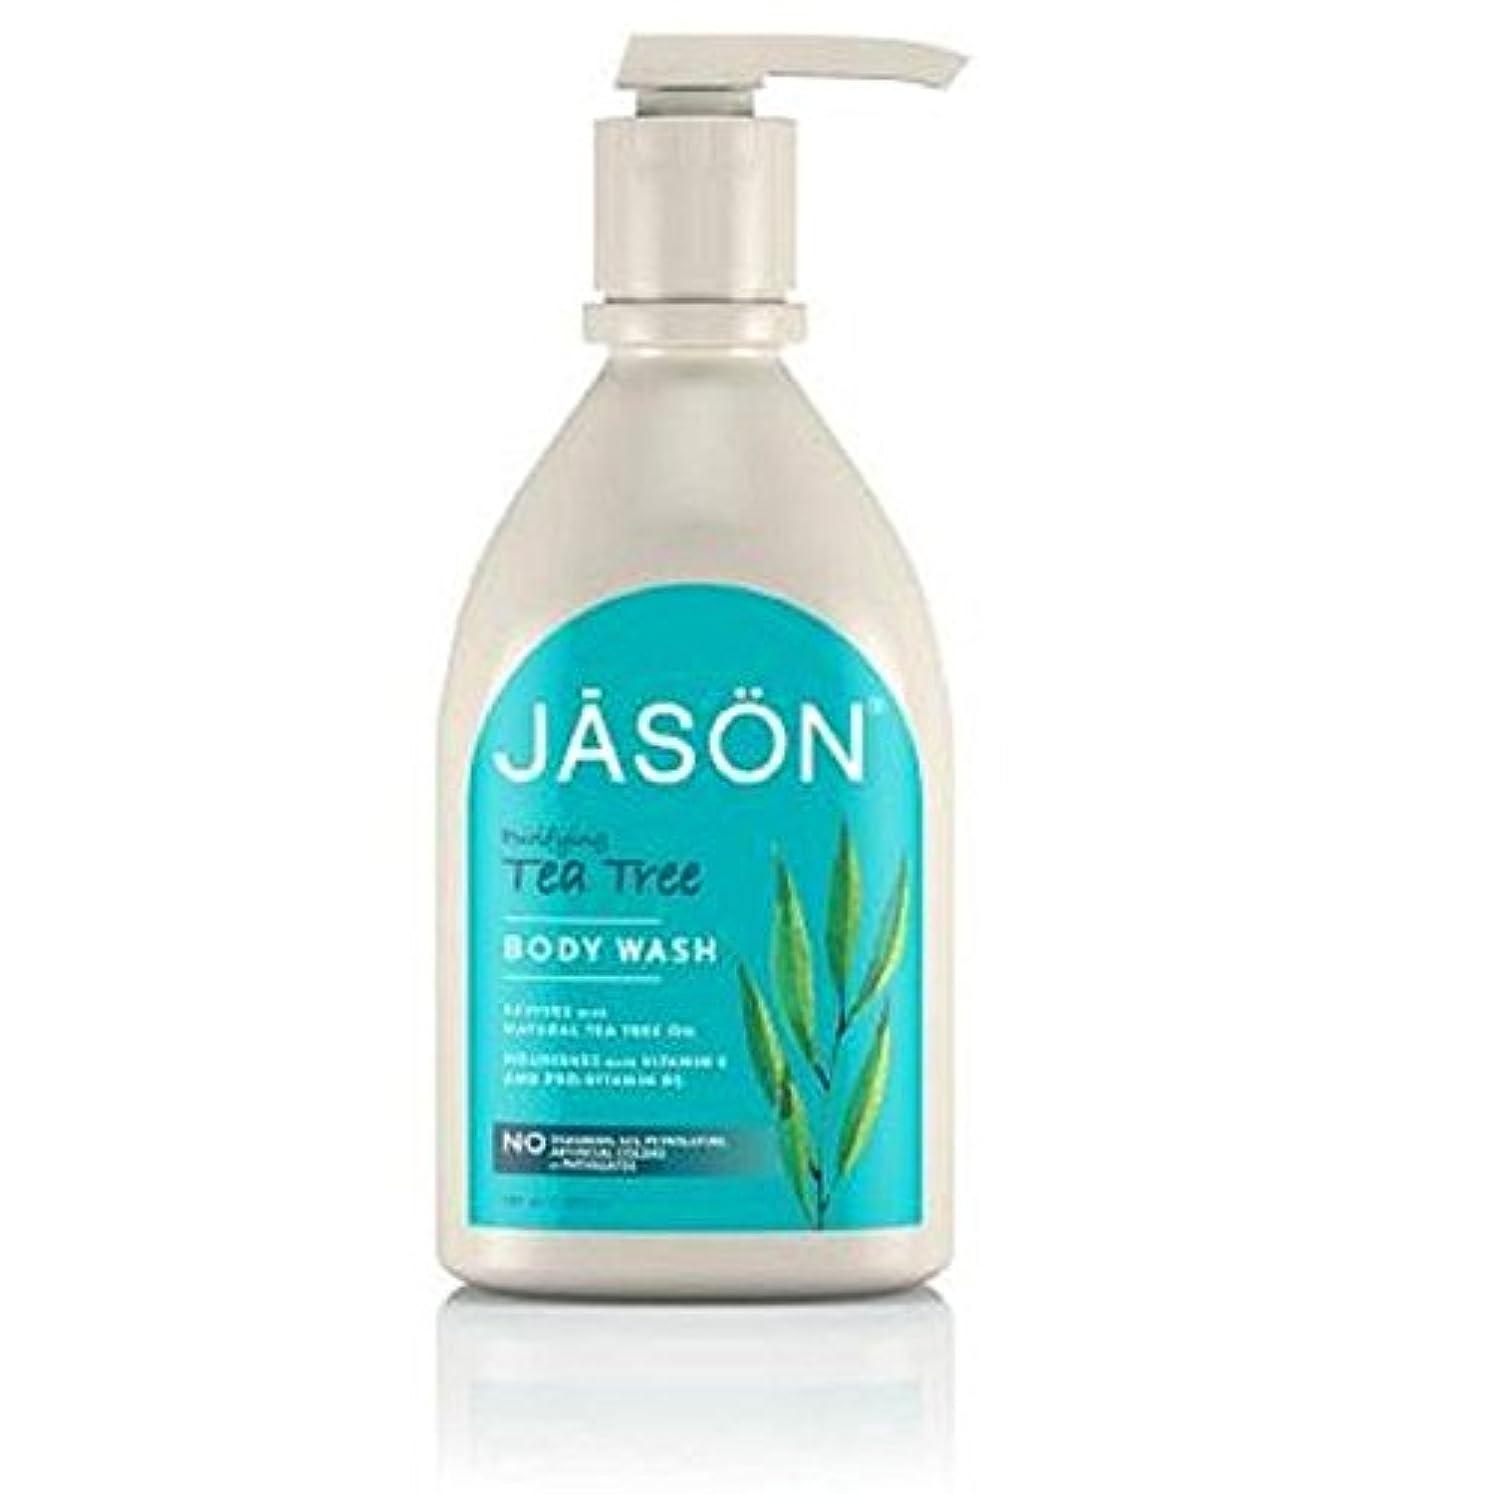 不利益フィット賠償Jason Tea Tree Satin Body Wash Pump 900ml - ジェイソン?ティーツリーサテンボディウォッシュポンプ900ミリリットル [並行輸入品]